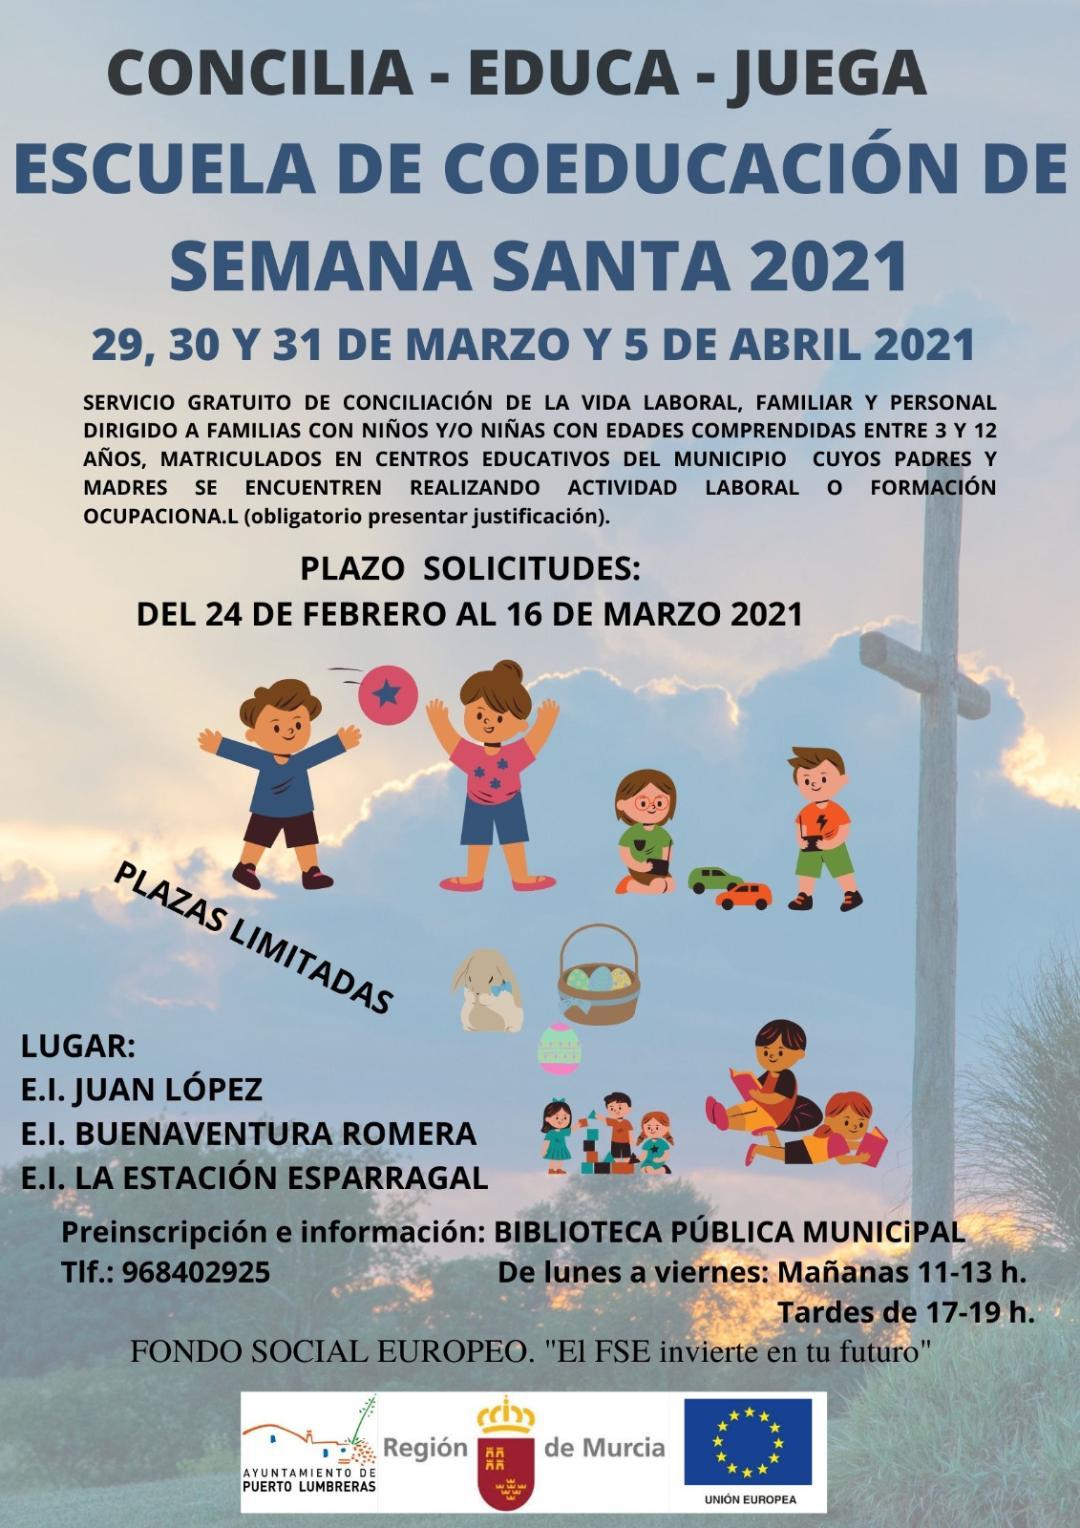 El Ayuntamiento lumbrerense organiza una Escuela de Coeducación de Semana Santa gratuita para ayudar a la conciliación de las familias del municipio